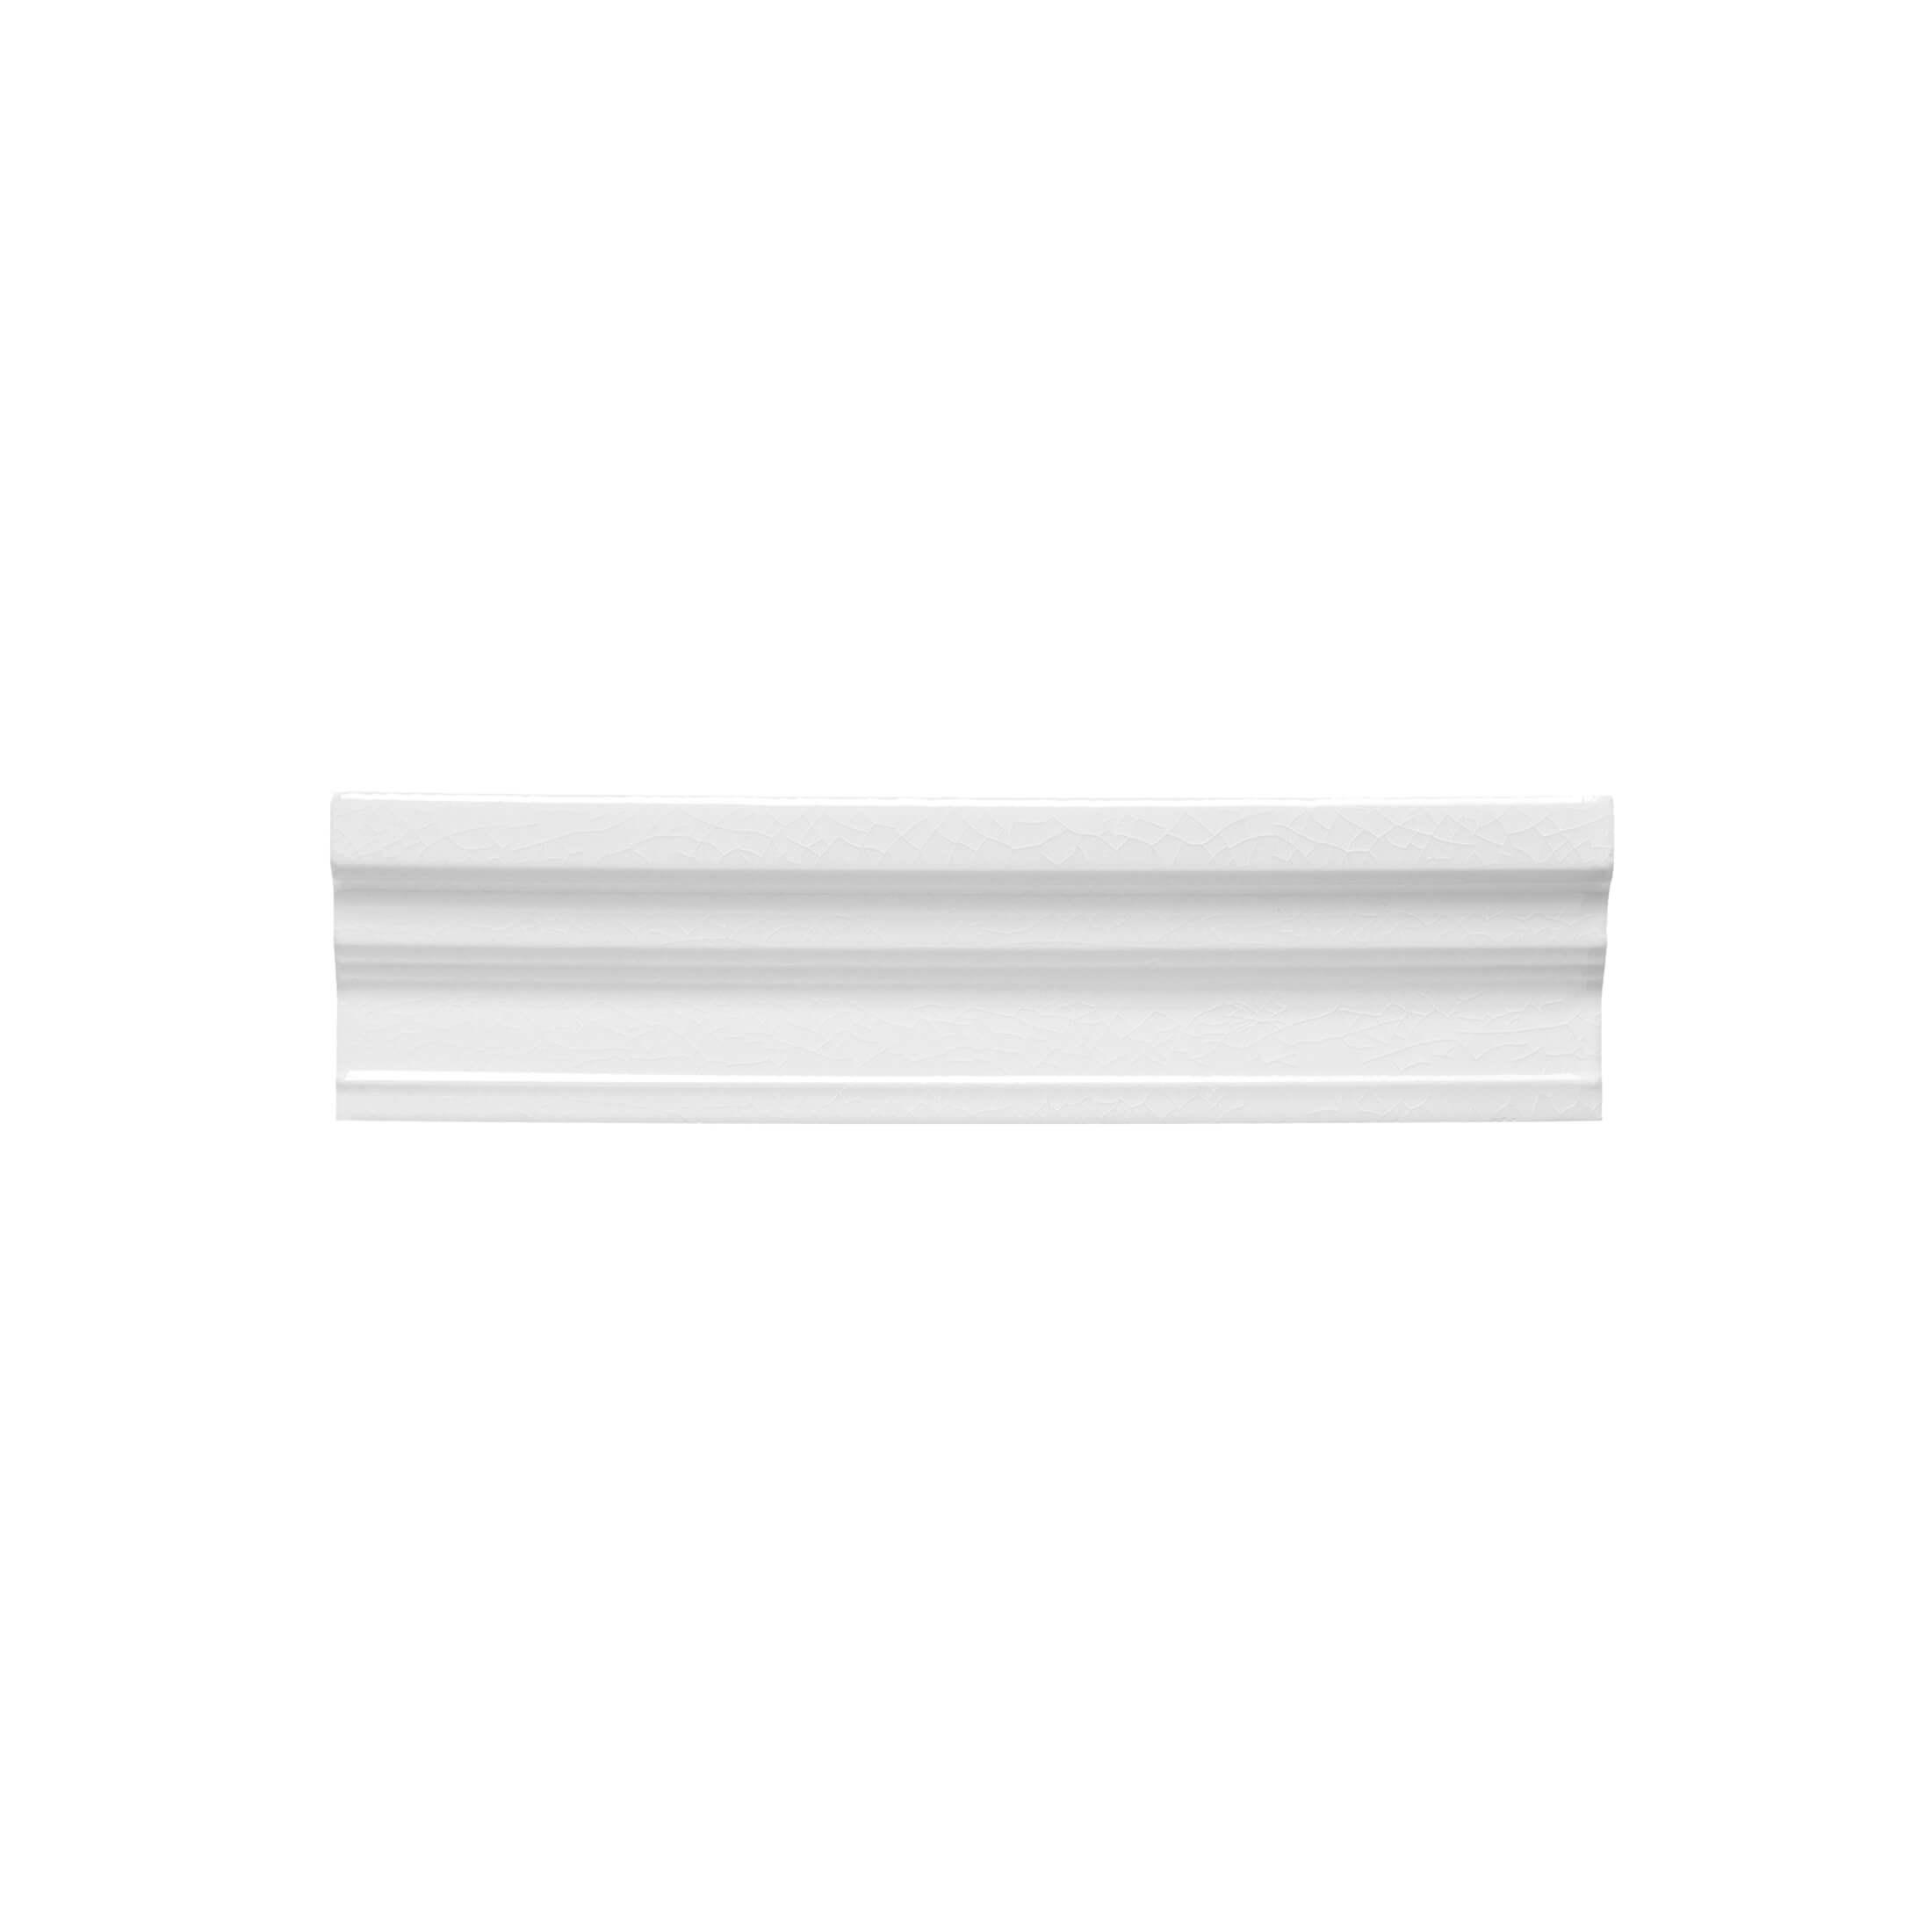 ADMO5392 - CORNISA CLASICA C/C - 5 cm X 20 cm